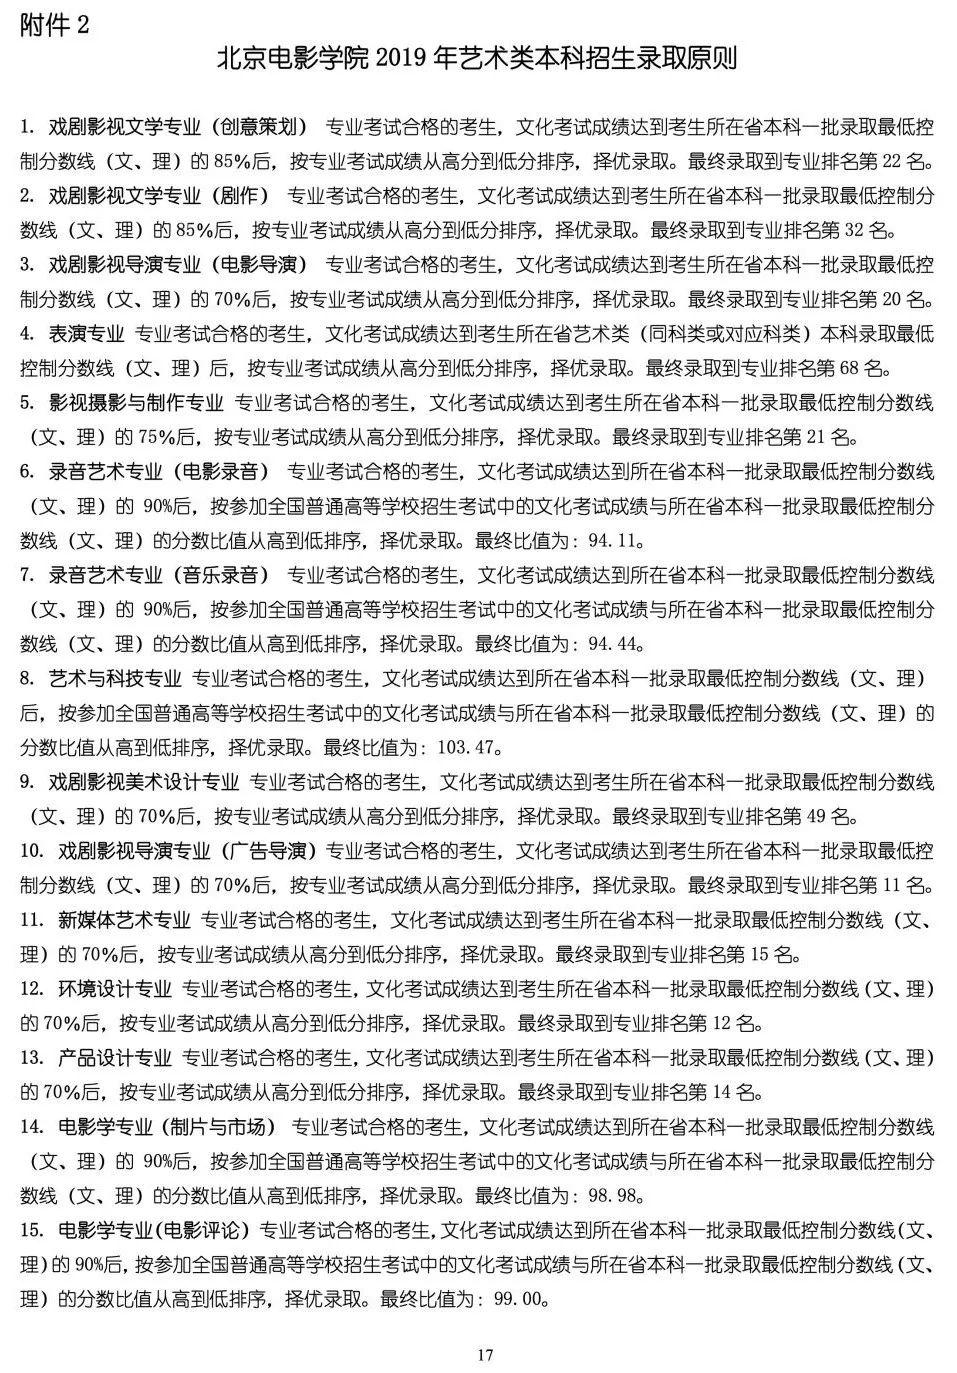 中国传媒大学,北京电影学院,中央戏剧学院,北京巅峰广艺画室       31